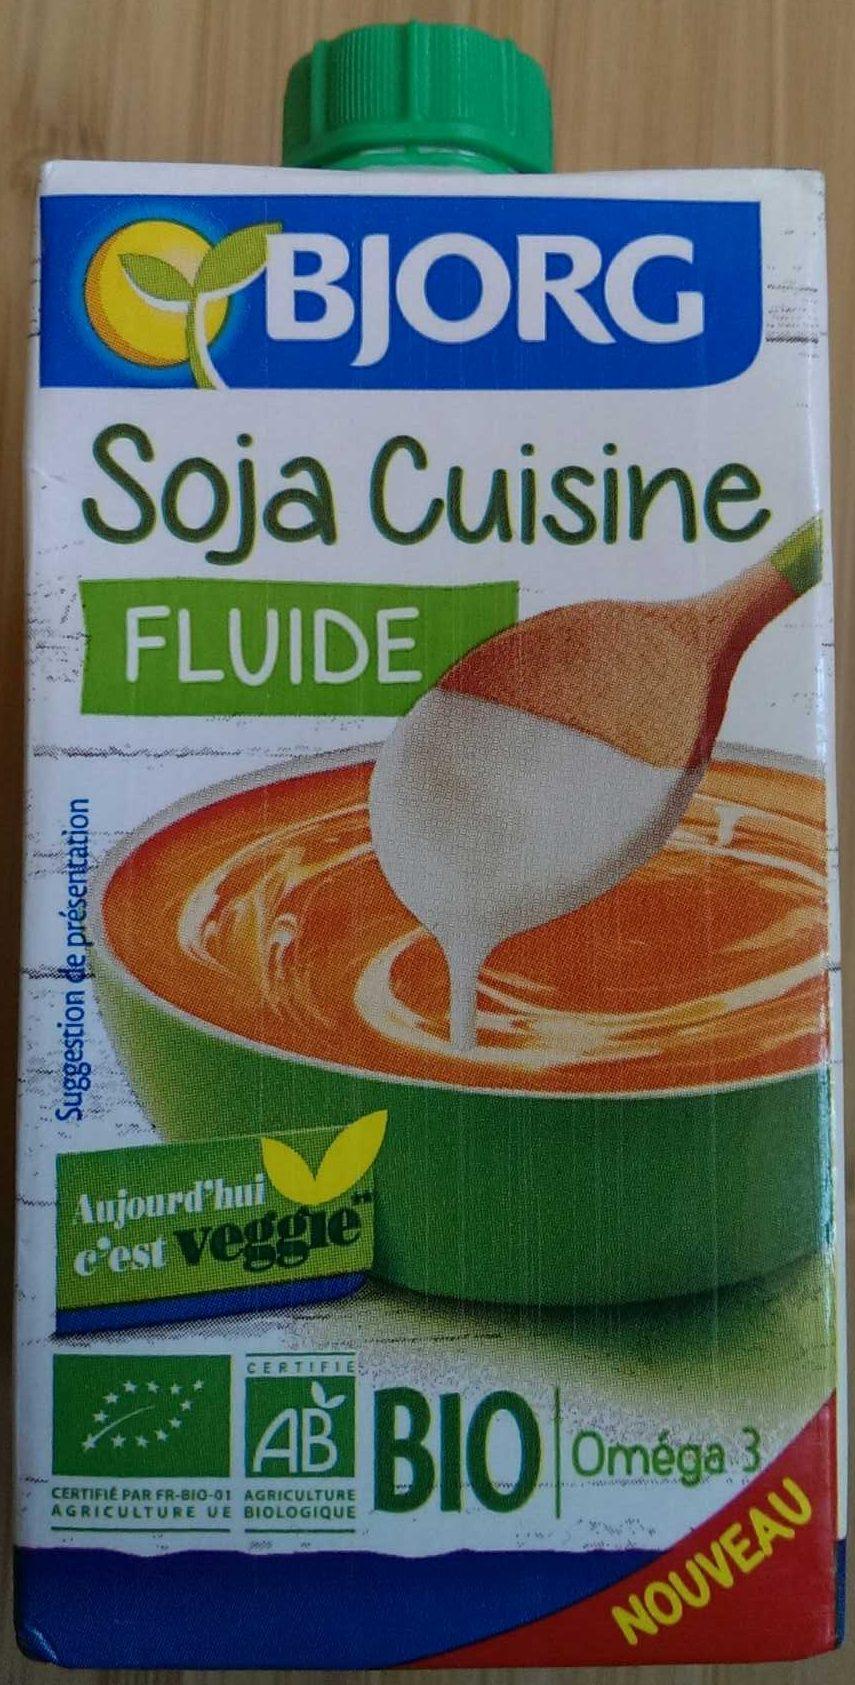 Soja cuisine bio bjorg 250 ml for Soja cuisine bjorg